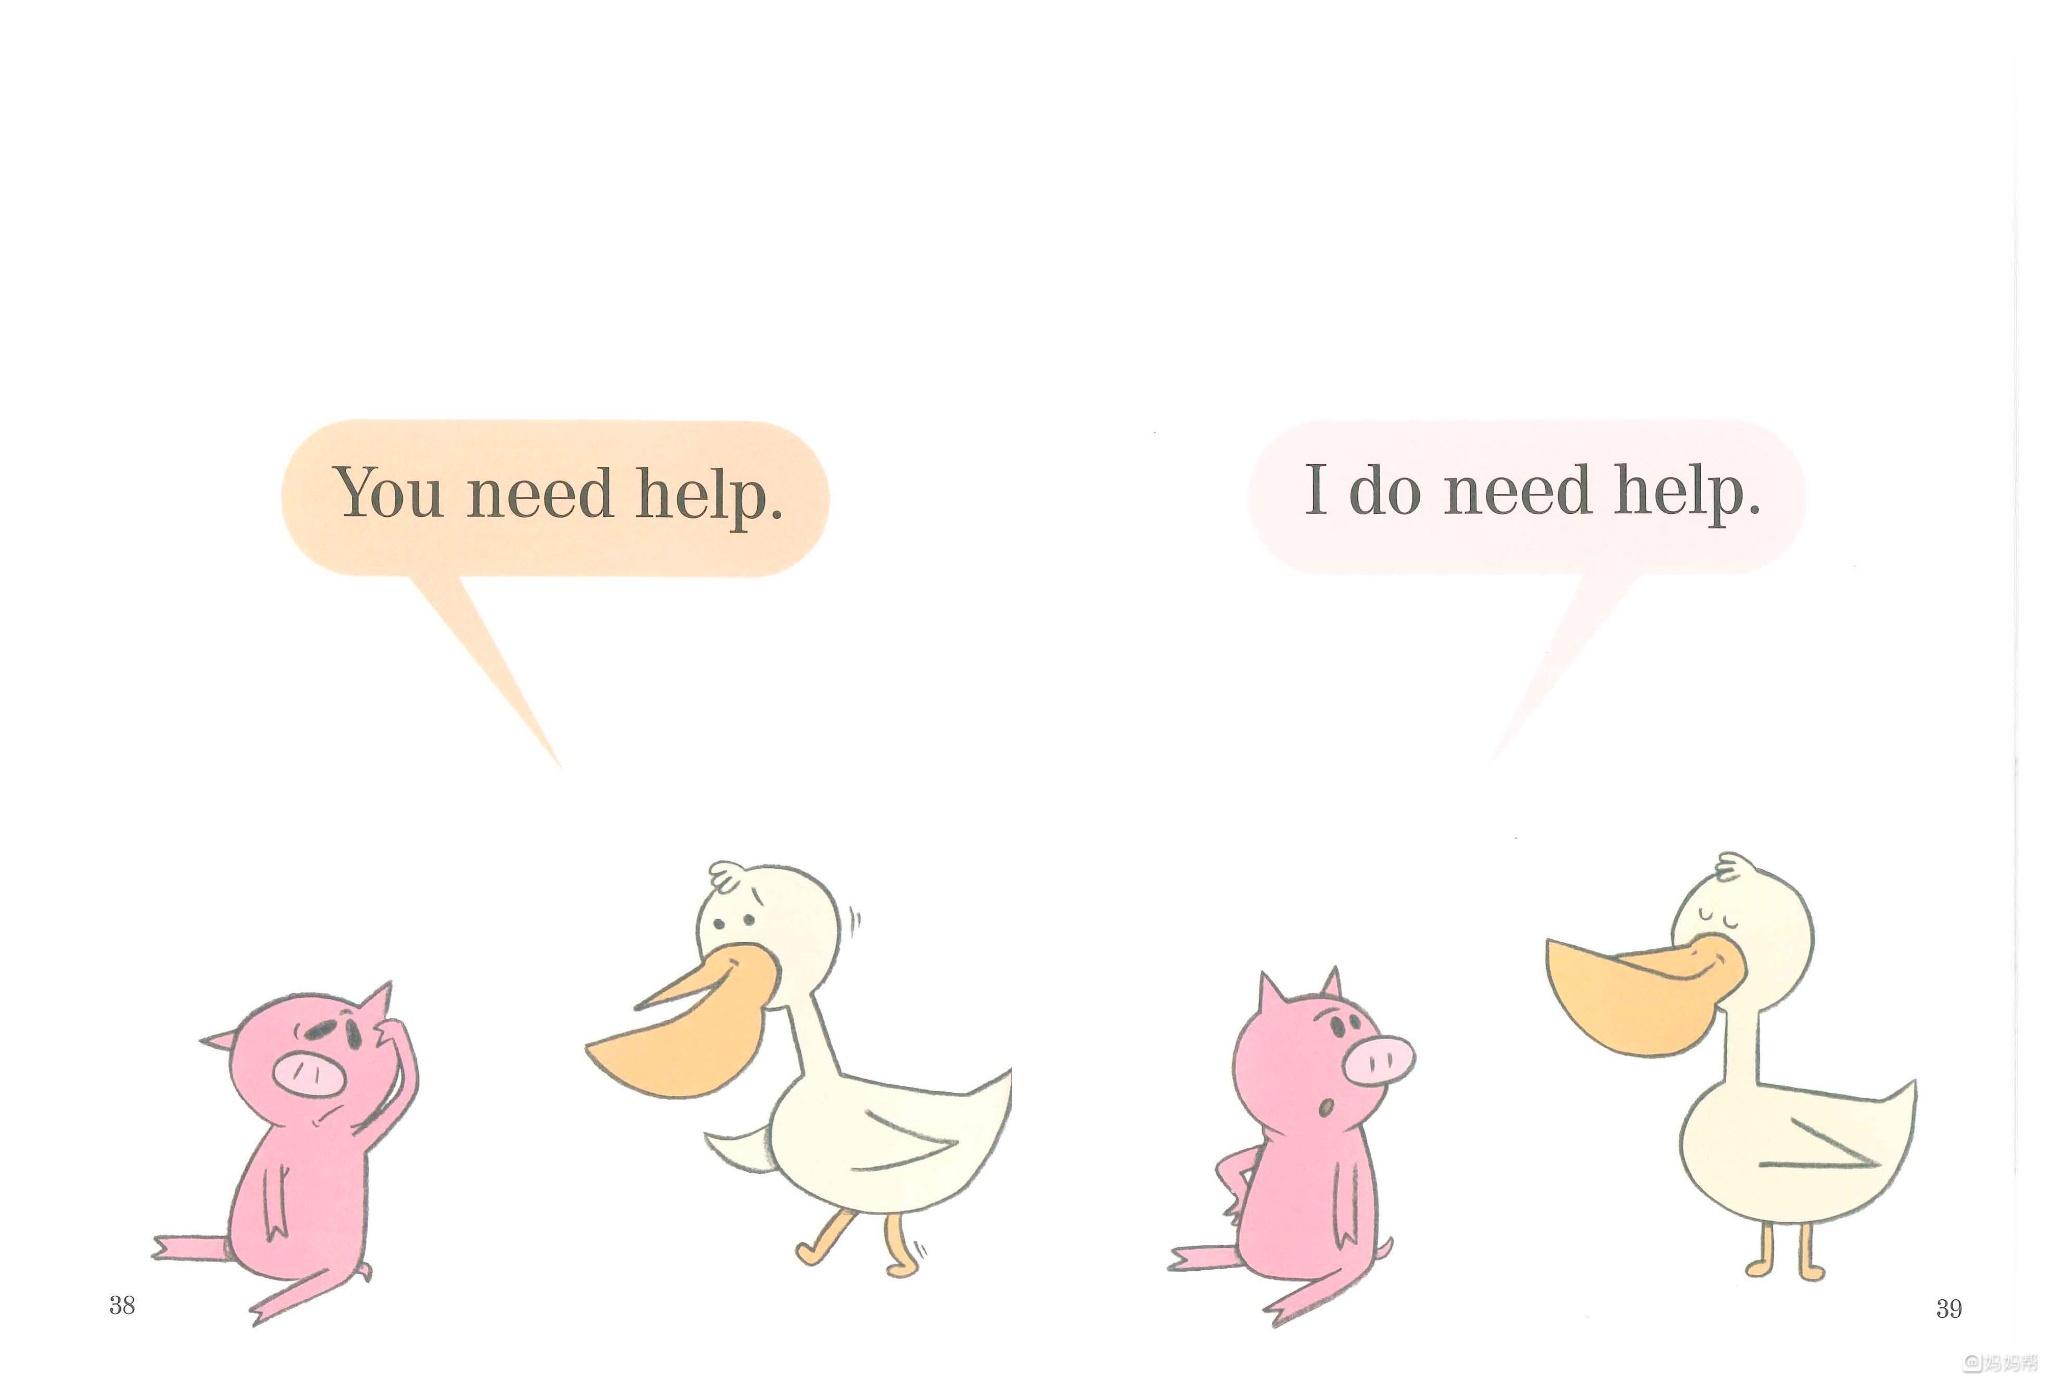 *猜你喜欢*   没有翅膀的人类和动物都很向往飞翔,所以可爱聪明的